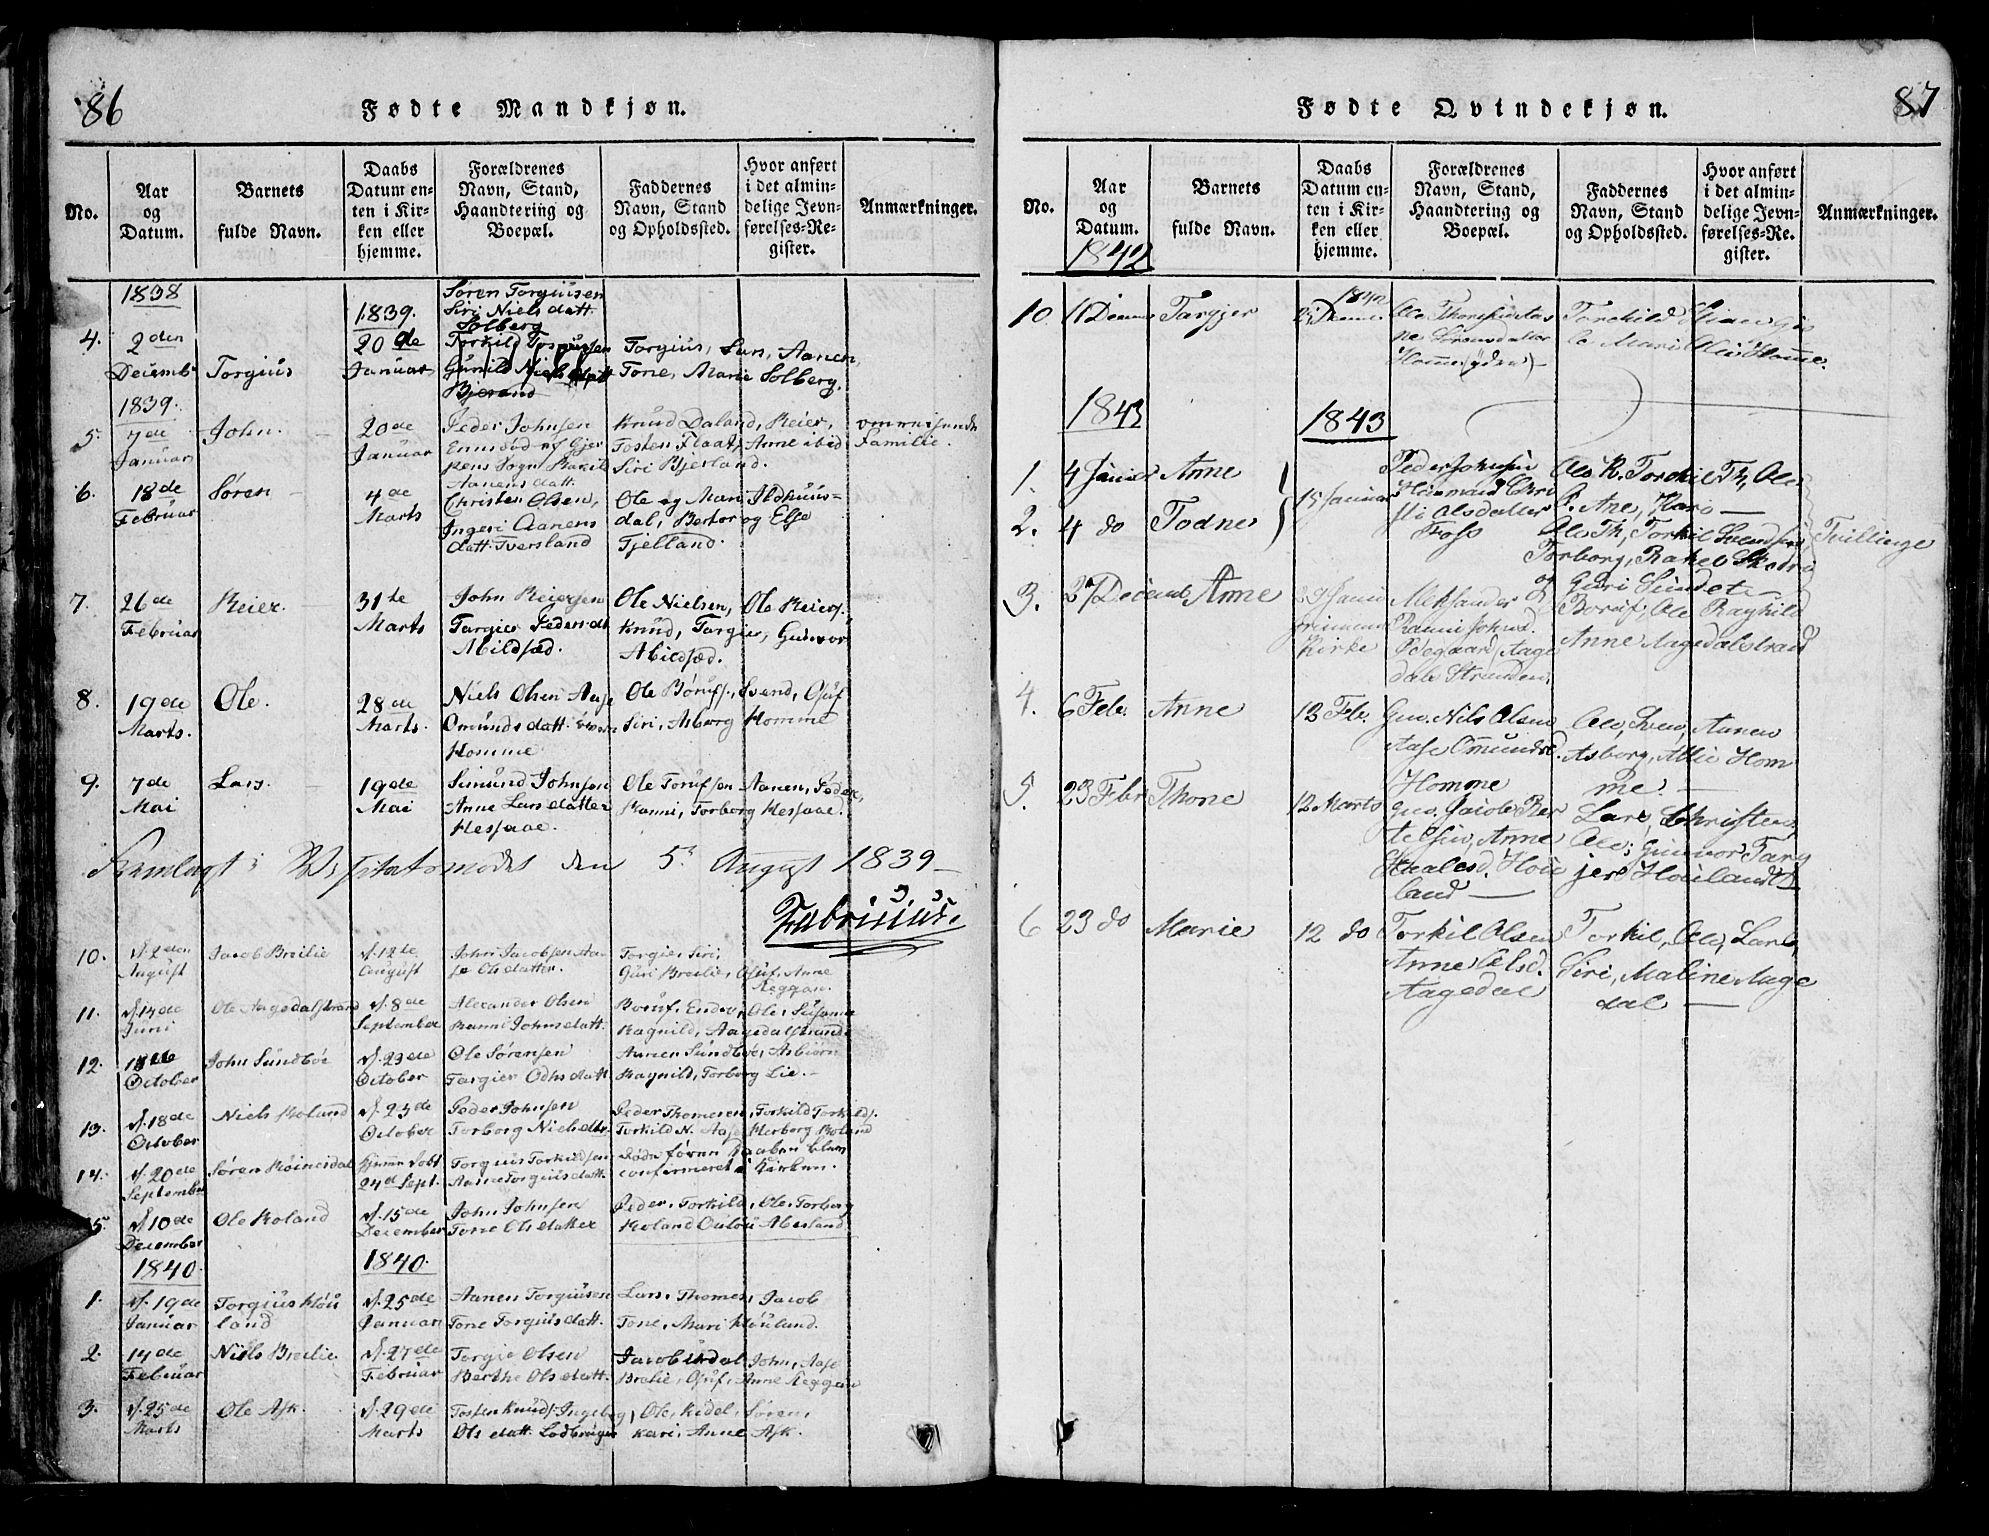 SAK, Bjelland sokneprestkontor, F/Fb/Fba/L0003: Klokkerbok nr. B 3, 1816-1870, s. 86-87